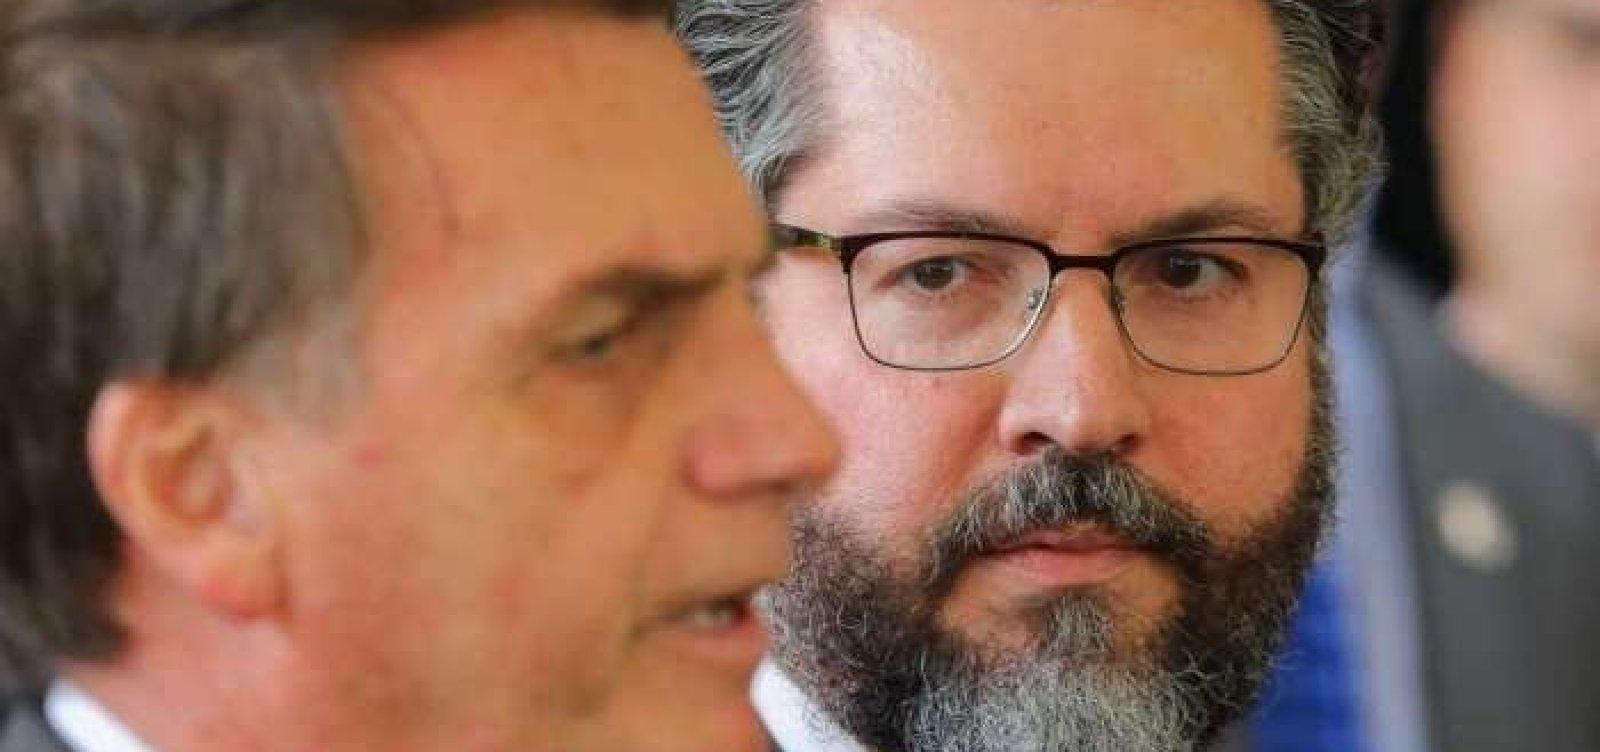 Novo presidente da Apex demite diretores ligados a chanceler